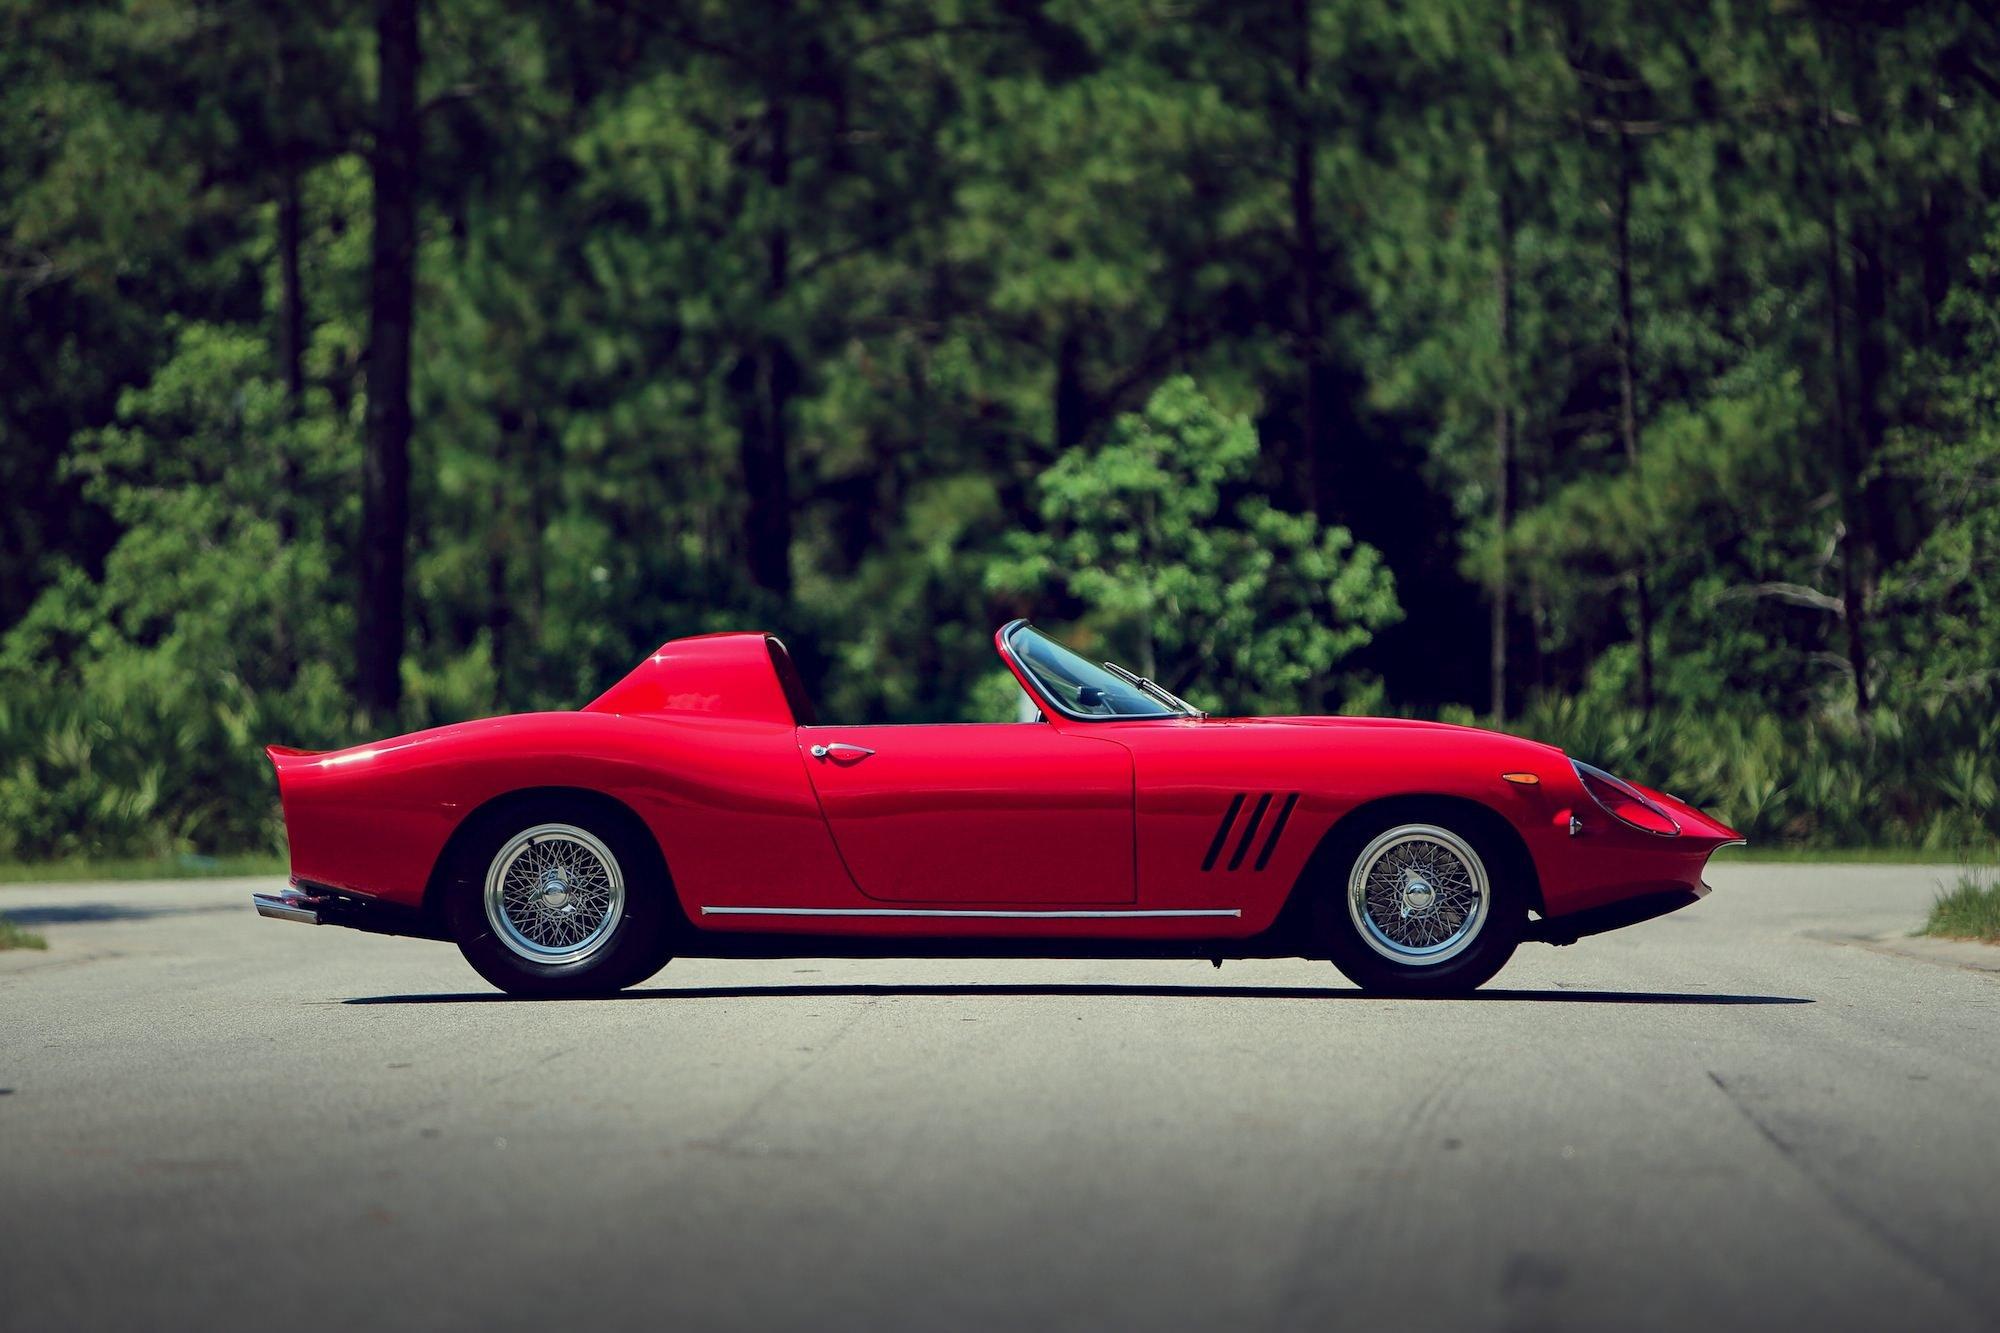 Ferrari 250 GT N.A.R.T. Spider by Fantuzzi 3